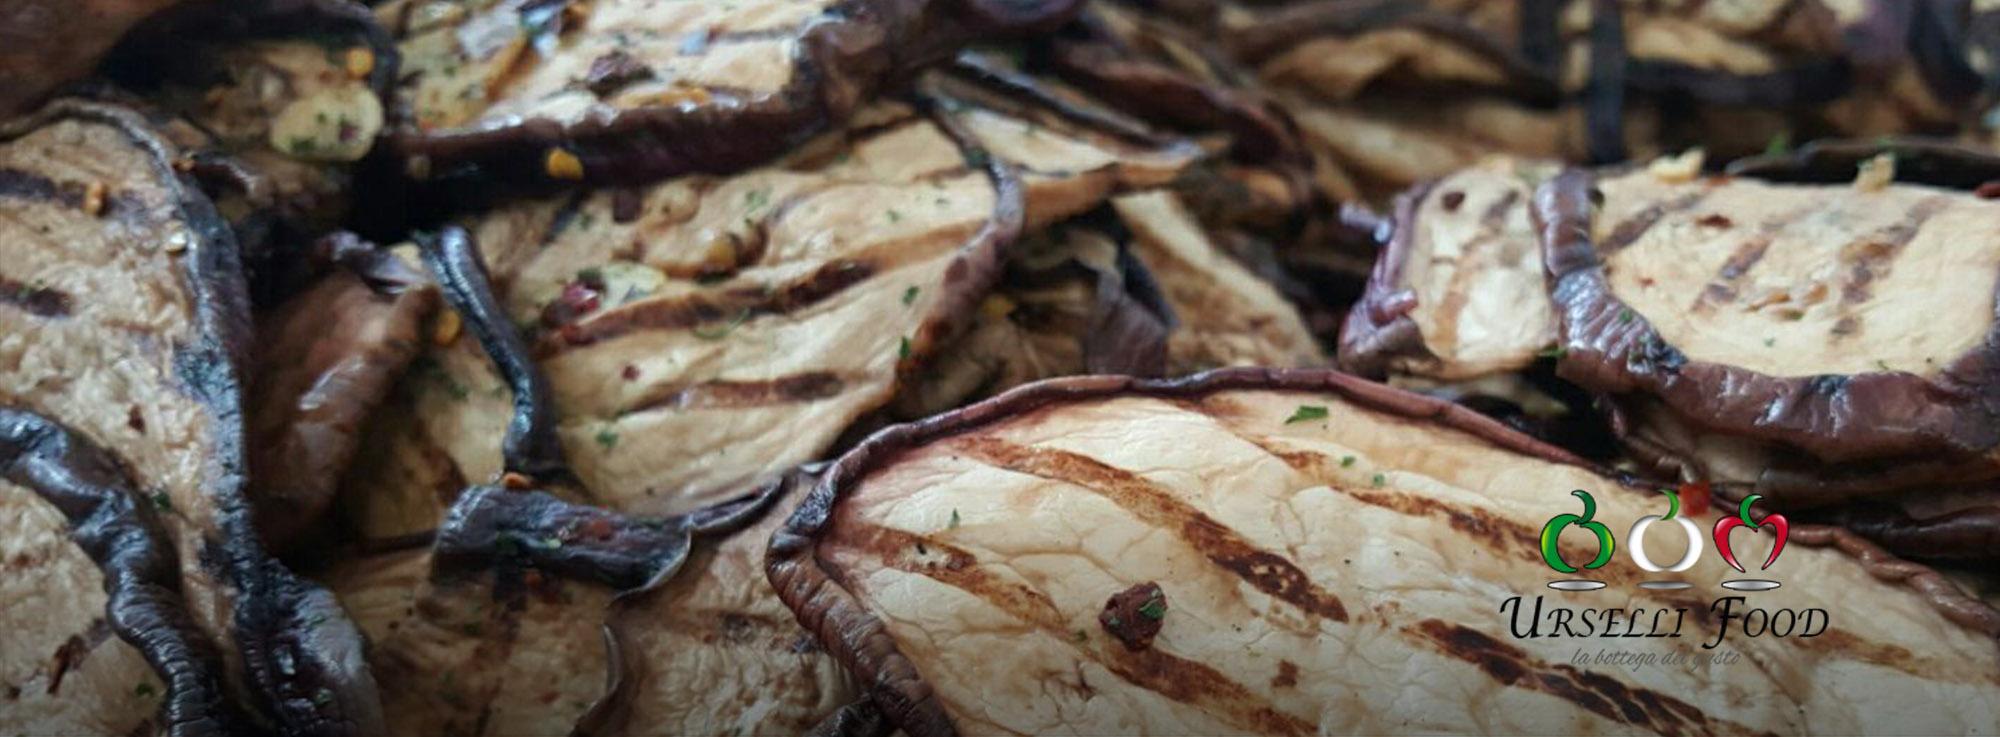 Urselli Food Cerignola